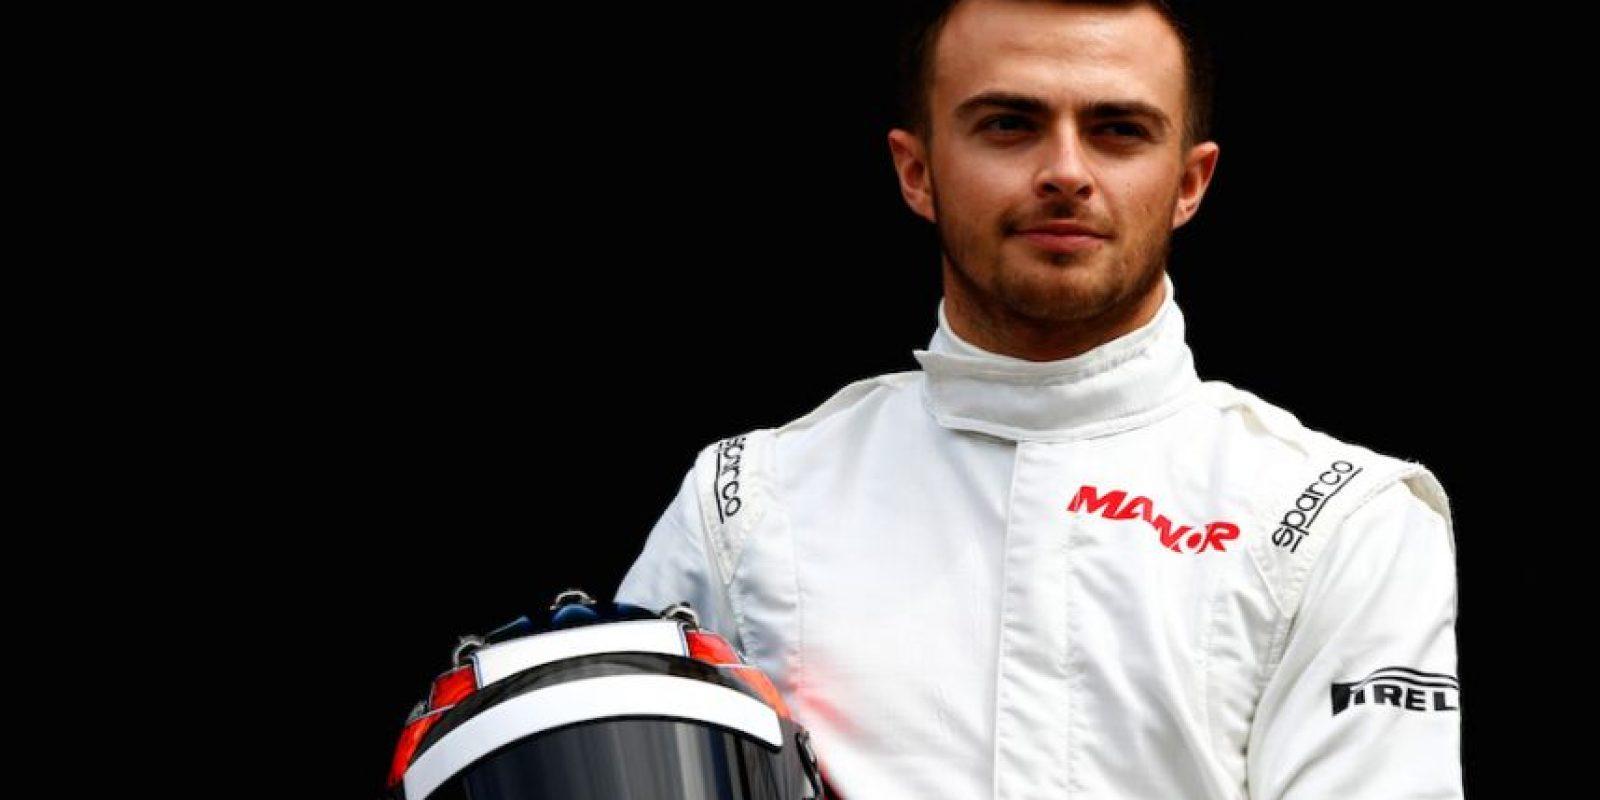 Will Stevens, piloto británico de 23 años de edad. Foto:Getty Images